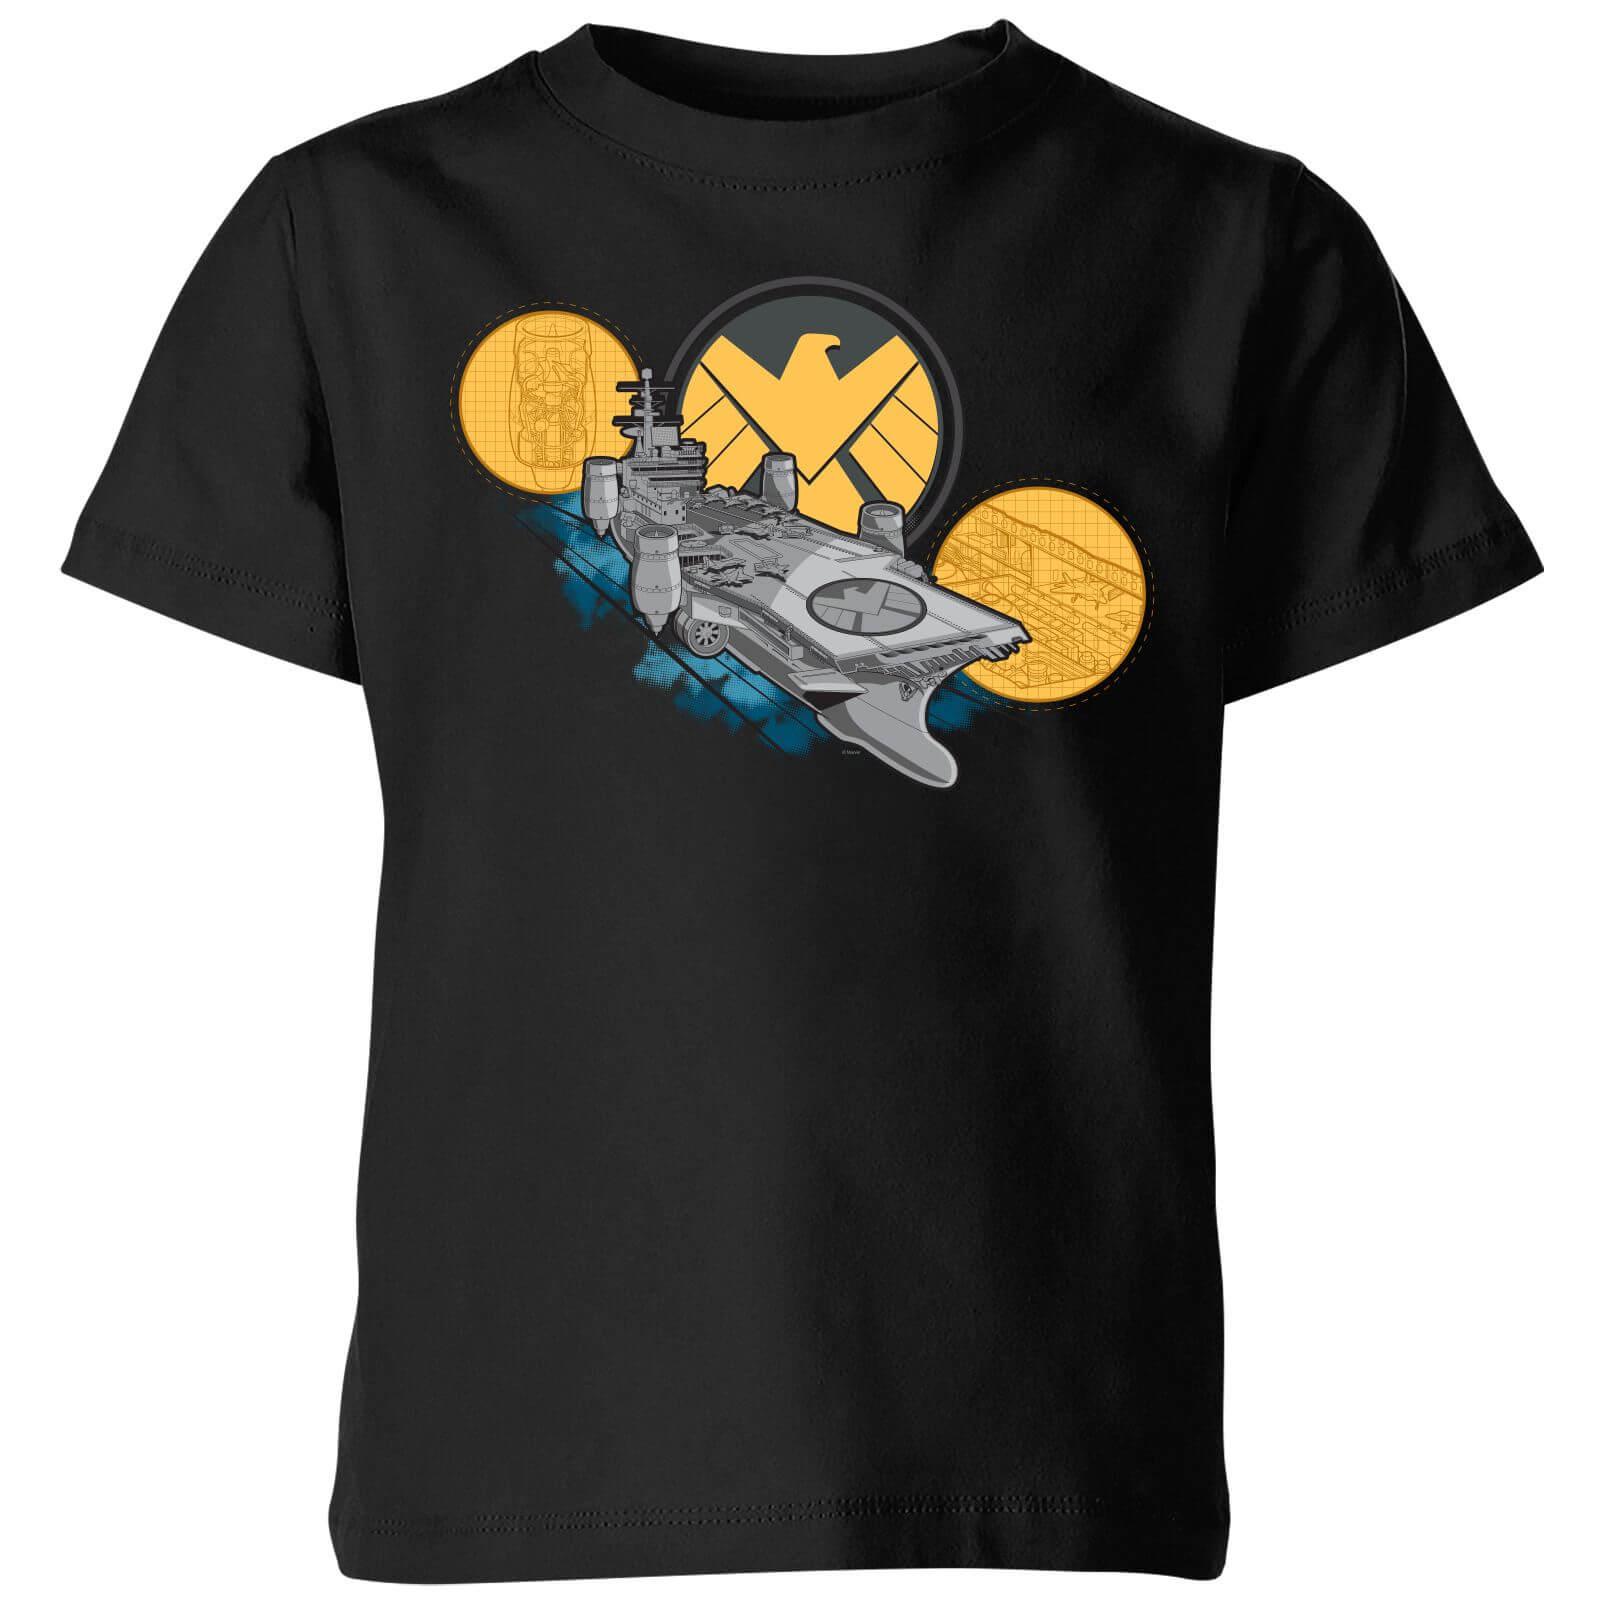 Marvel S.H.I.E.L.D. Helicarrier Kids' T-Shirt - Black - 5-6 Years - Black